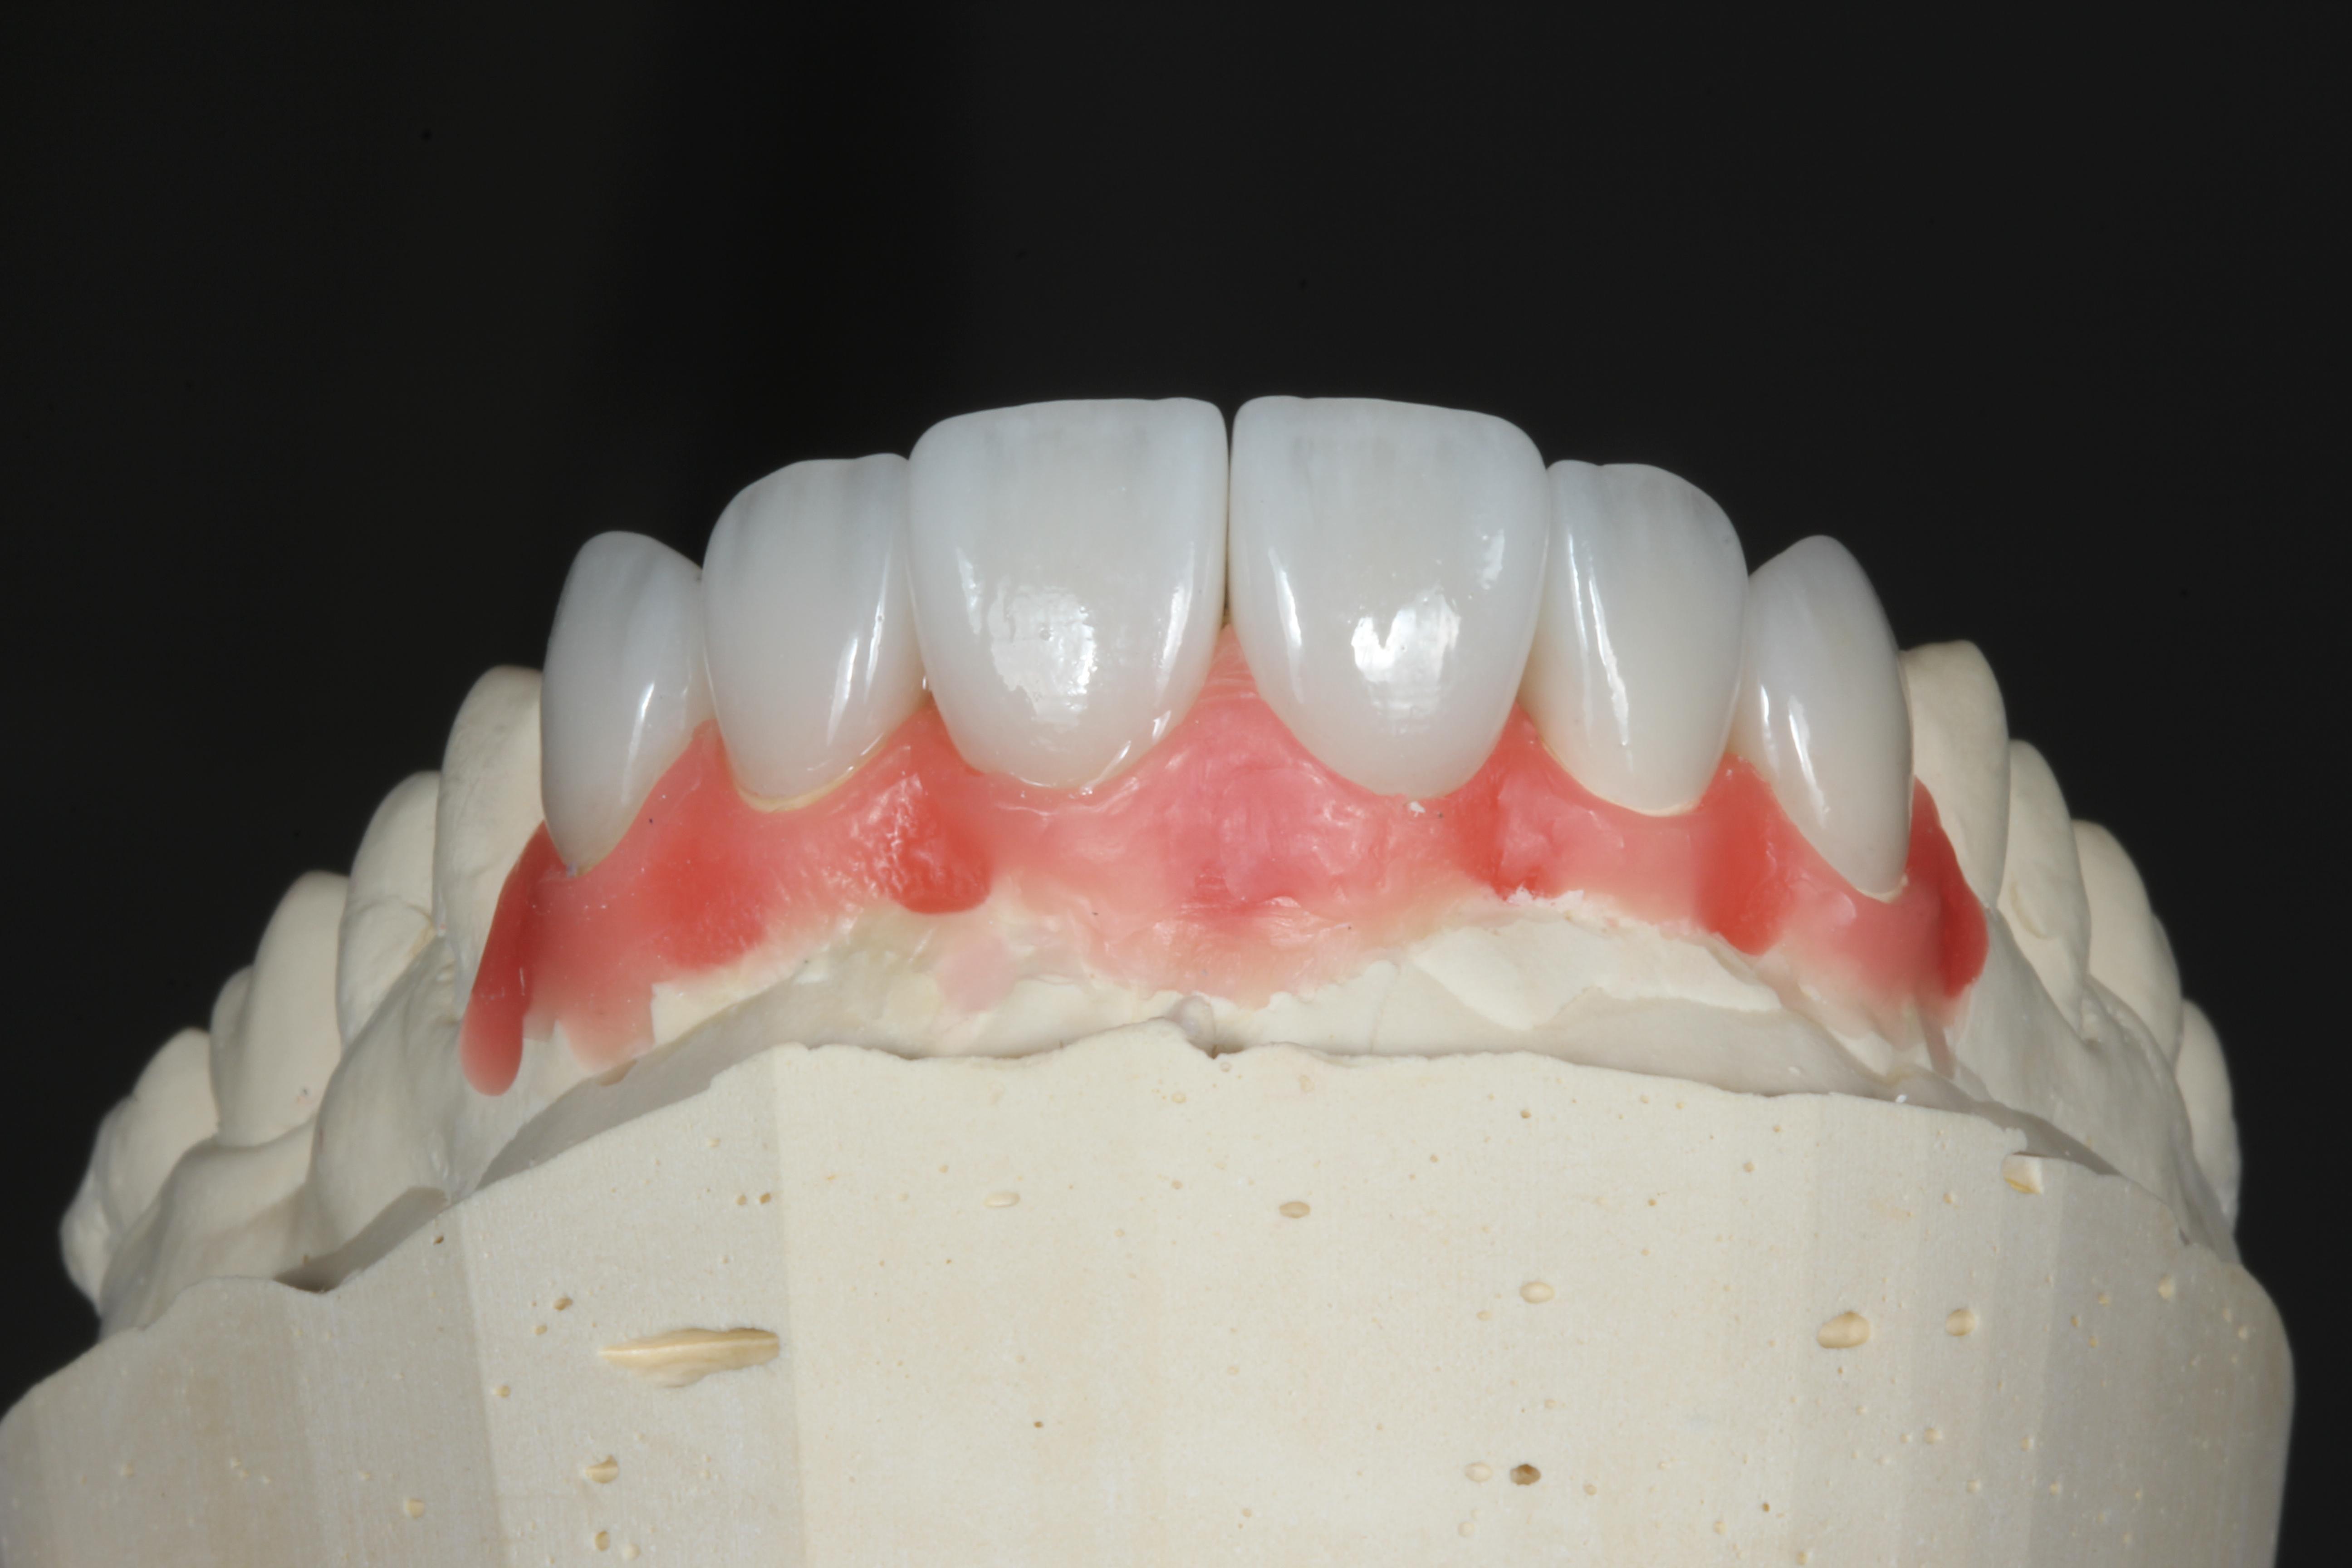 Керамические виниры на гипсовой моделе вид спереди.